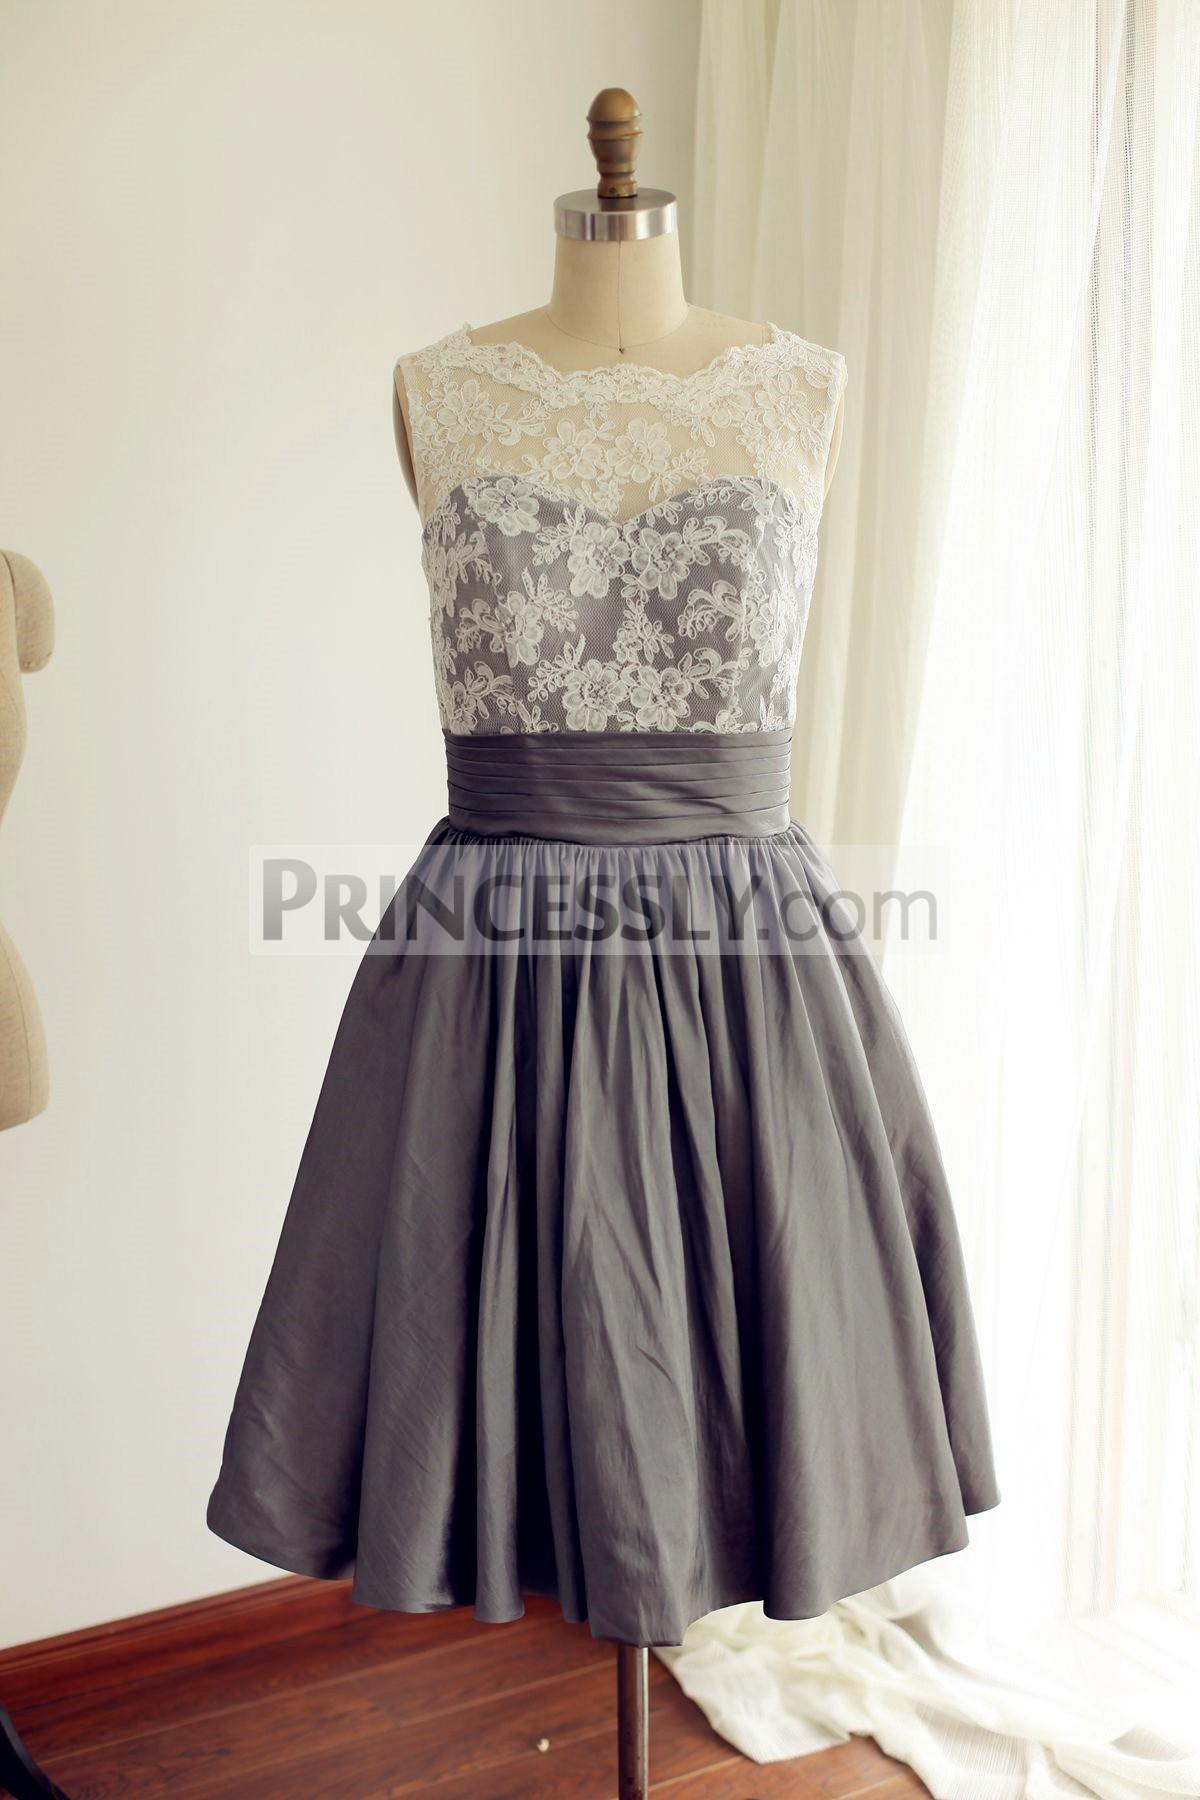 Princessly.com-K1000223-V Back Ivory Lace /Grey Taffeta Tea Length Short Bridesmaid Dress-31